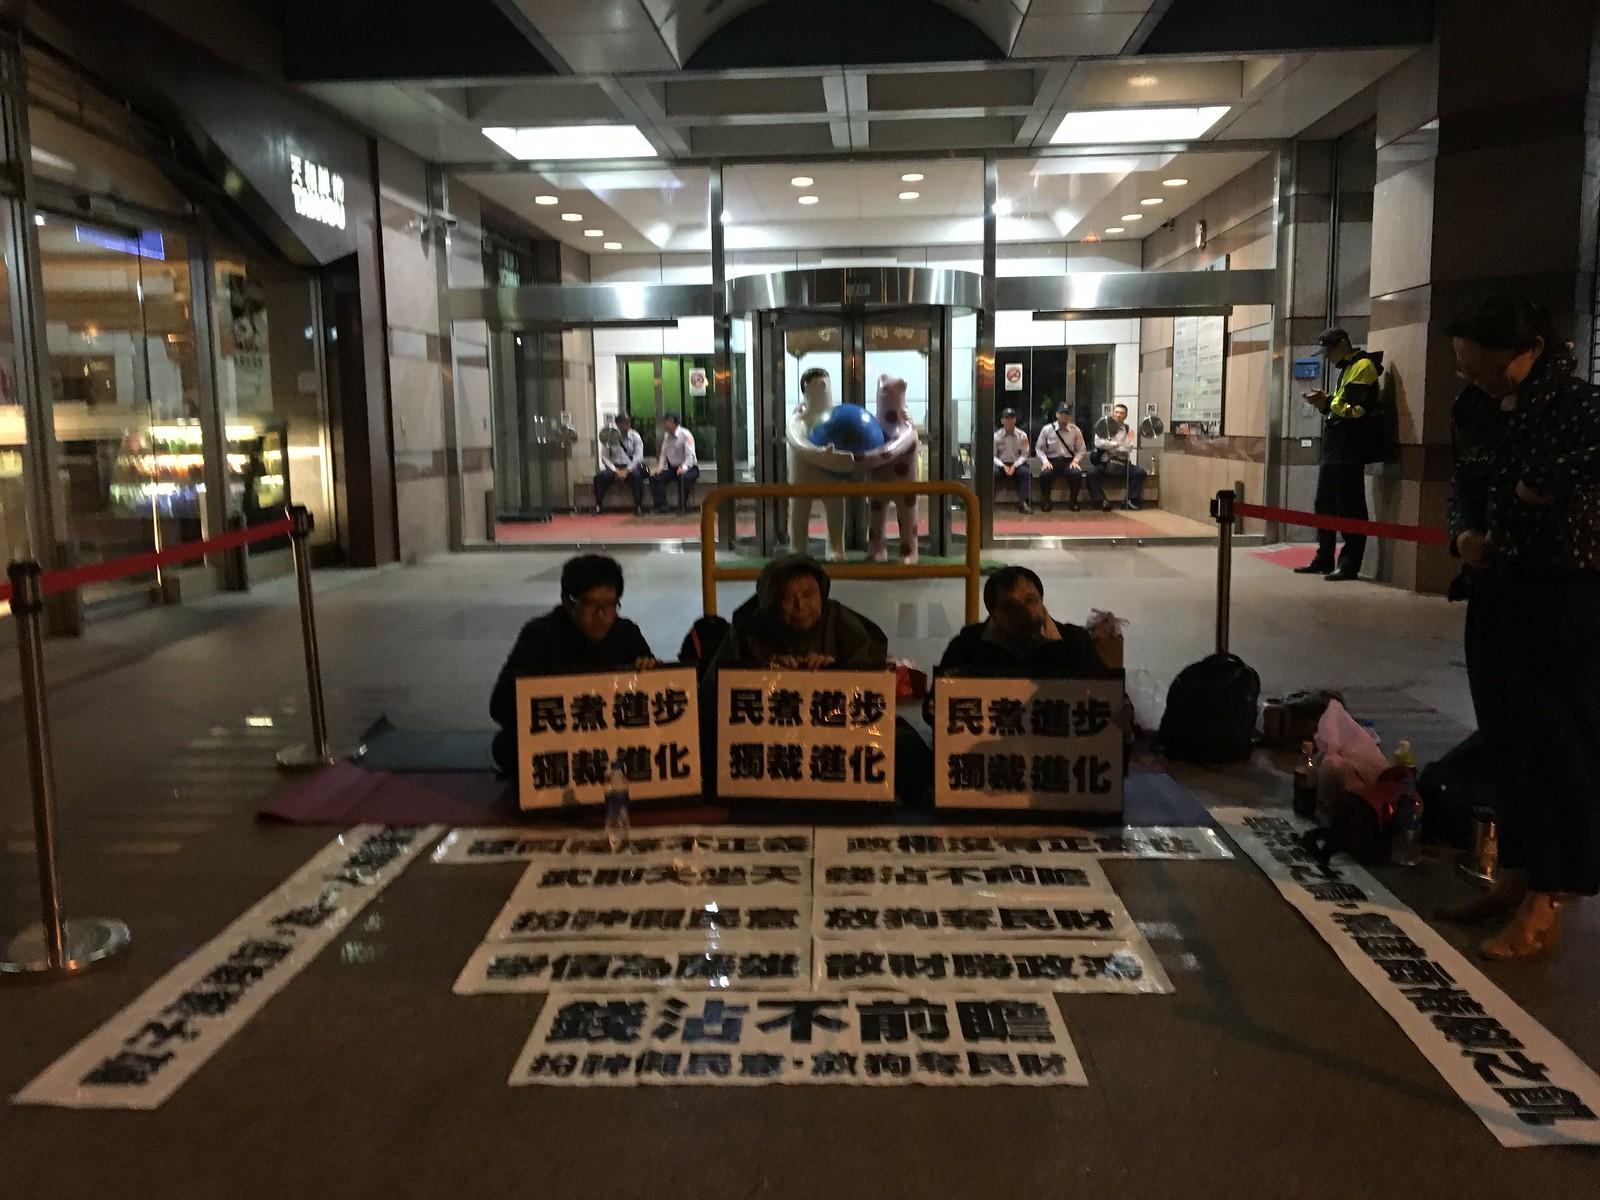 晚間7點多,天氣轉冷,並開始下雨,徐世榮與支持者仍然在民進黨部前靜坐,用行動表達「公民不服從」。(攝影:陳逸婷)